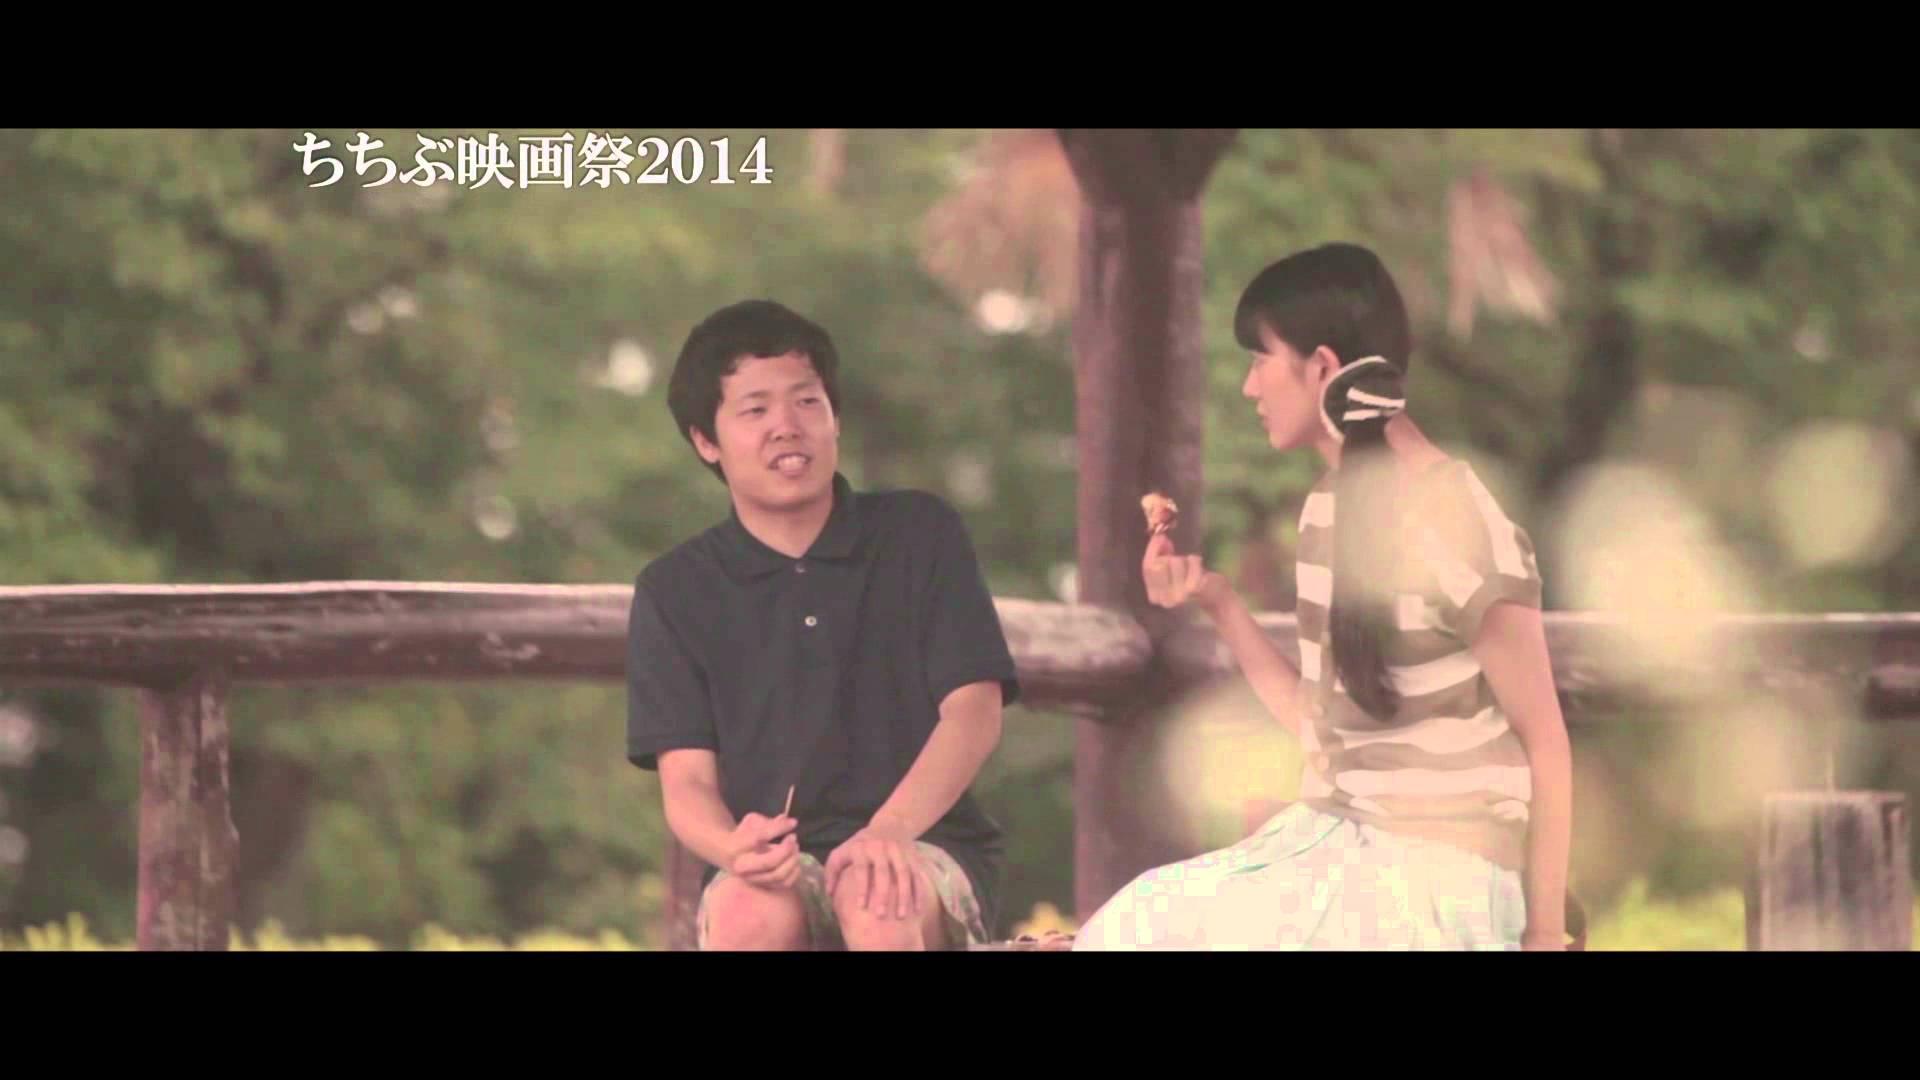 自主制作映画「解禁記念日」